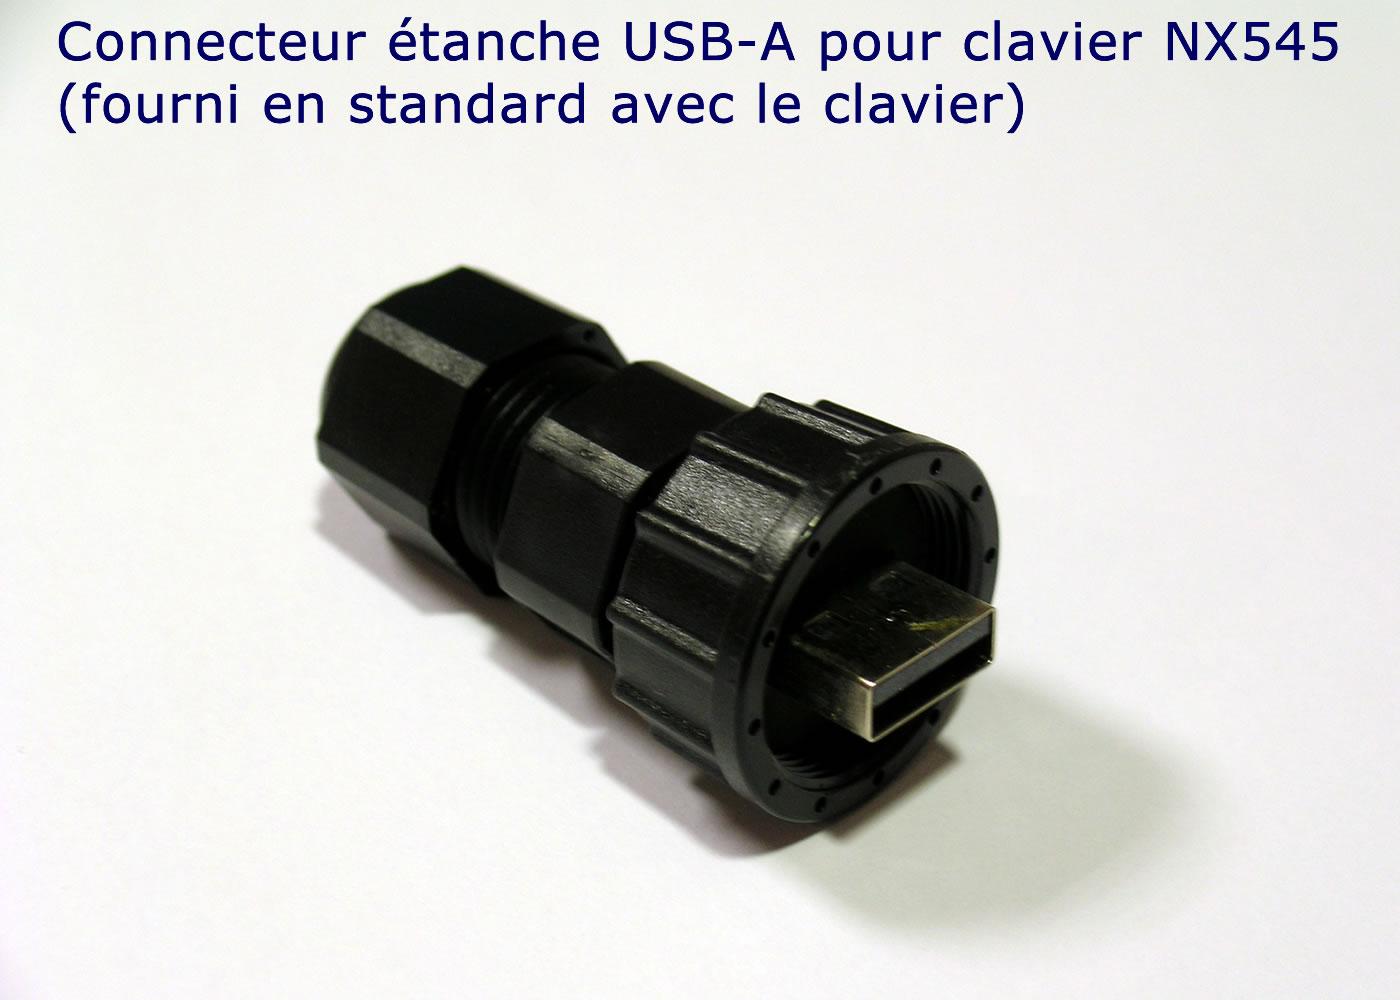 Clavier industriel 17 touches en boitier de table avec hub USB intégré – Connecteur étanche